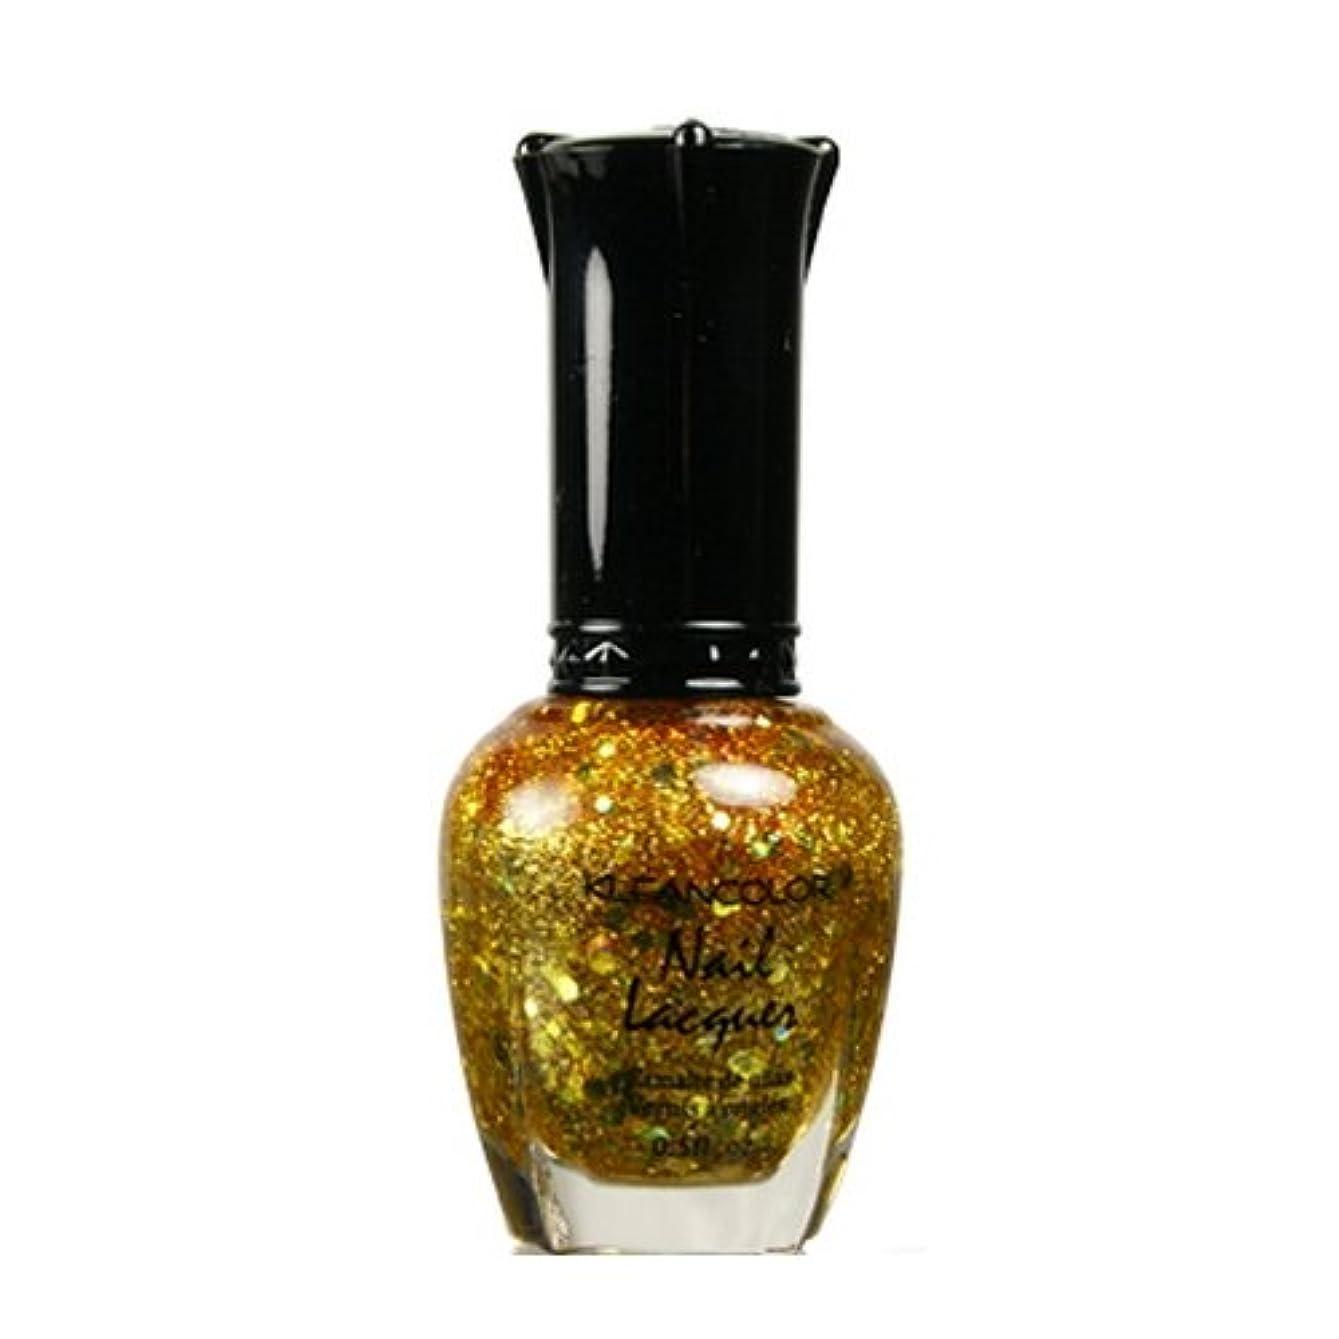 ハイランドブルゴーニュ改革KLEANCOLOR Nail Lacquer 4 - Gold Caviar (並行輸入品)